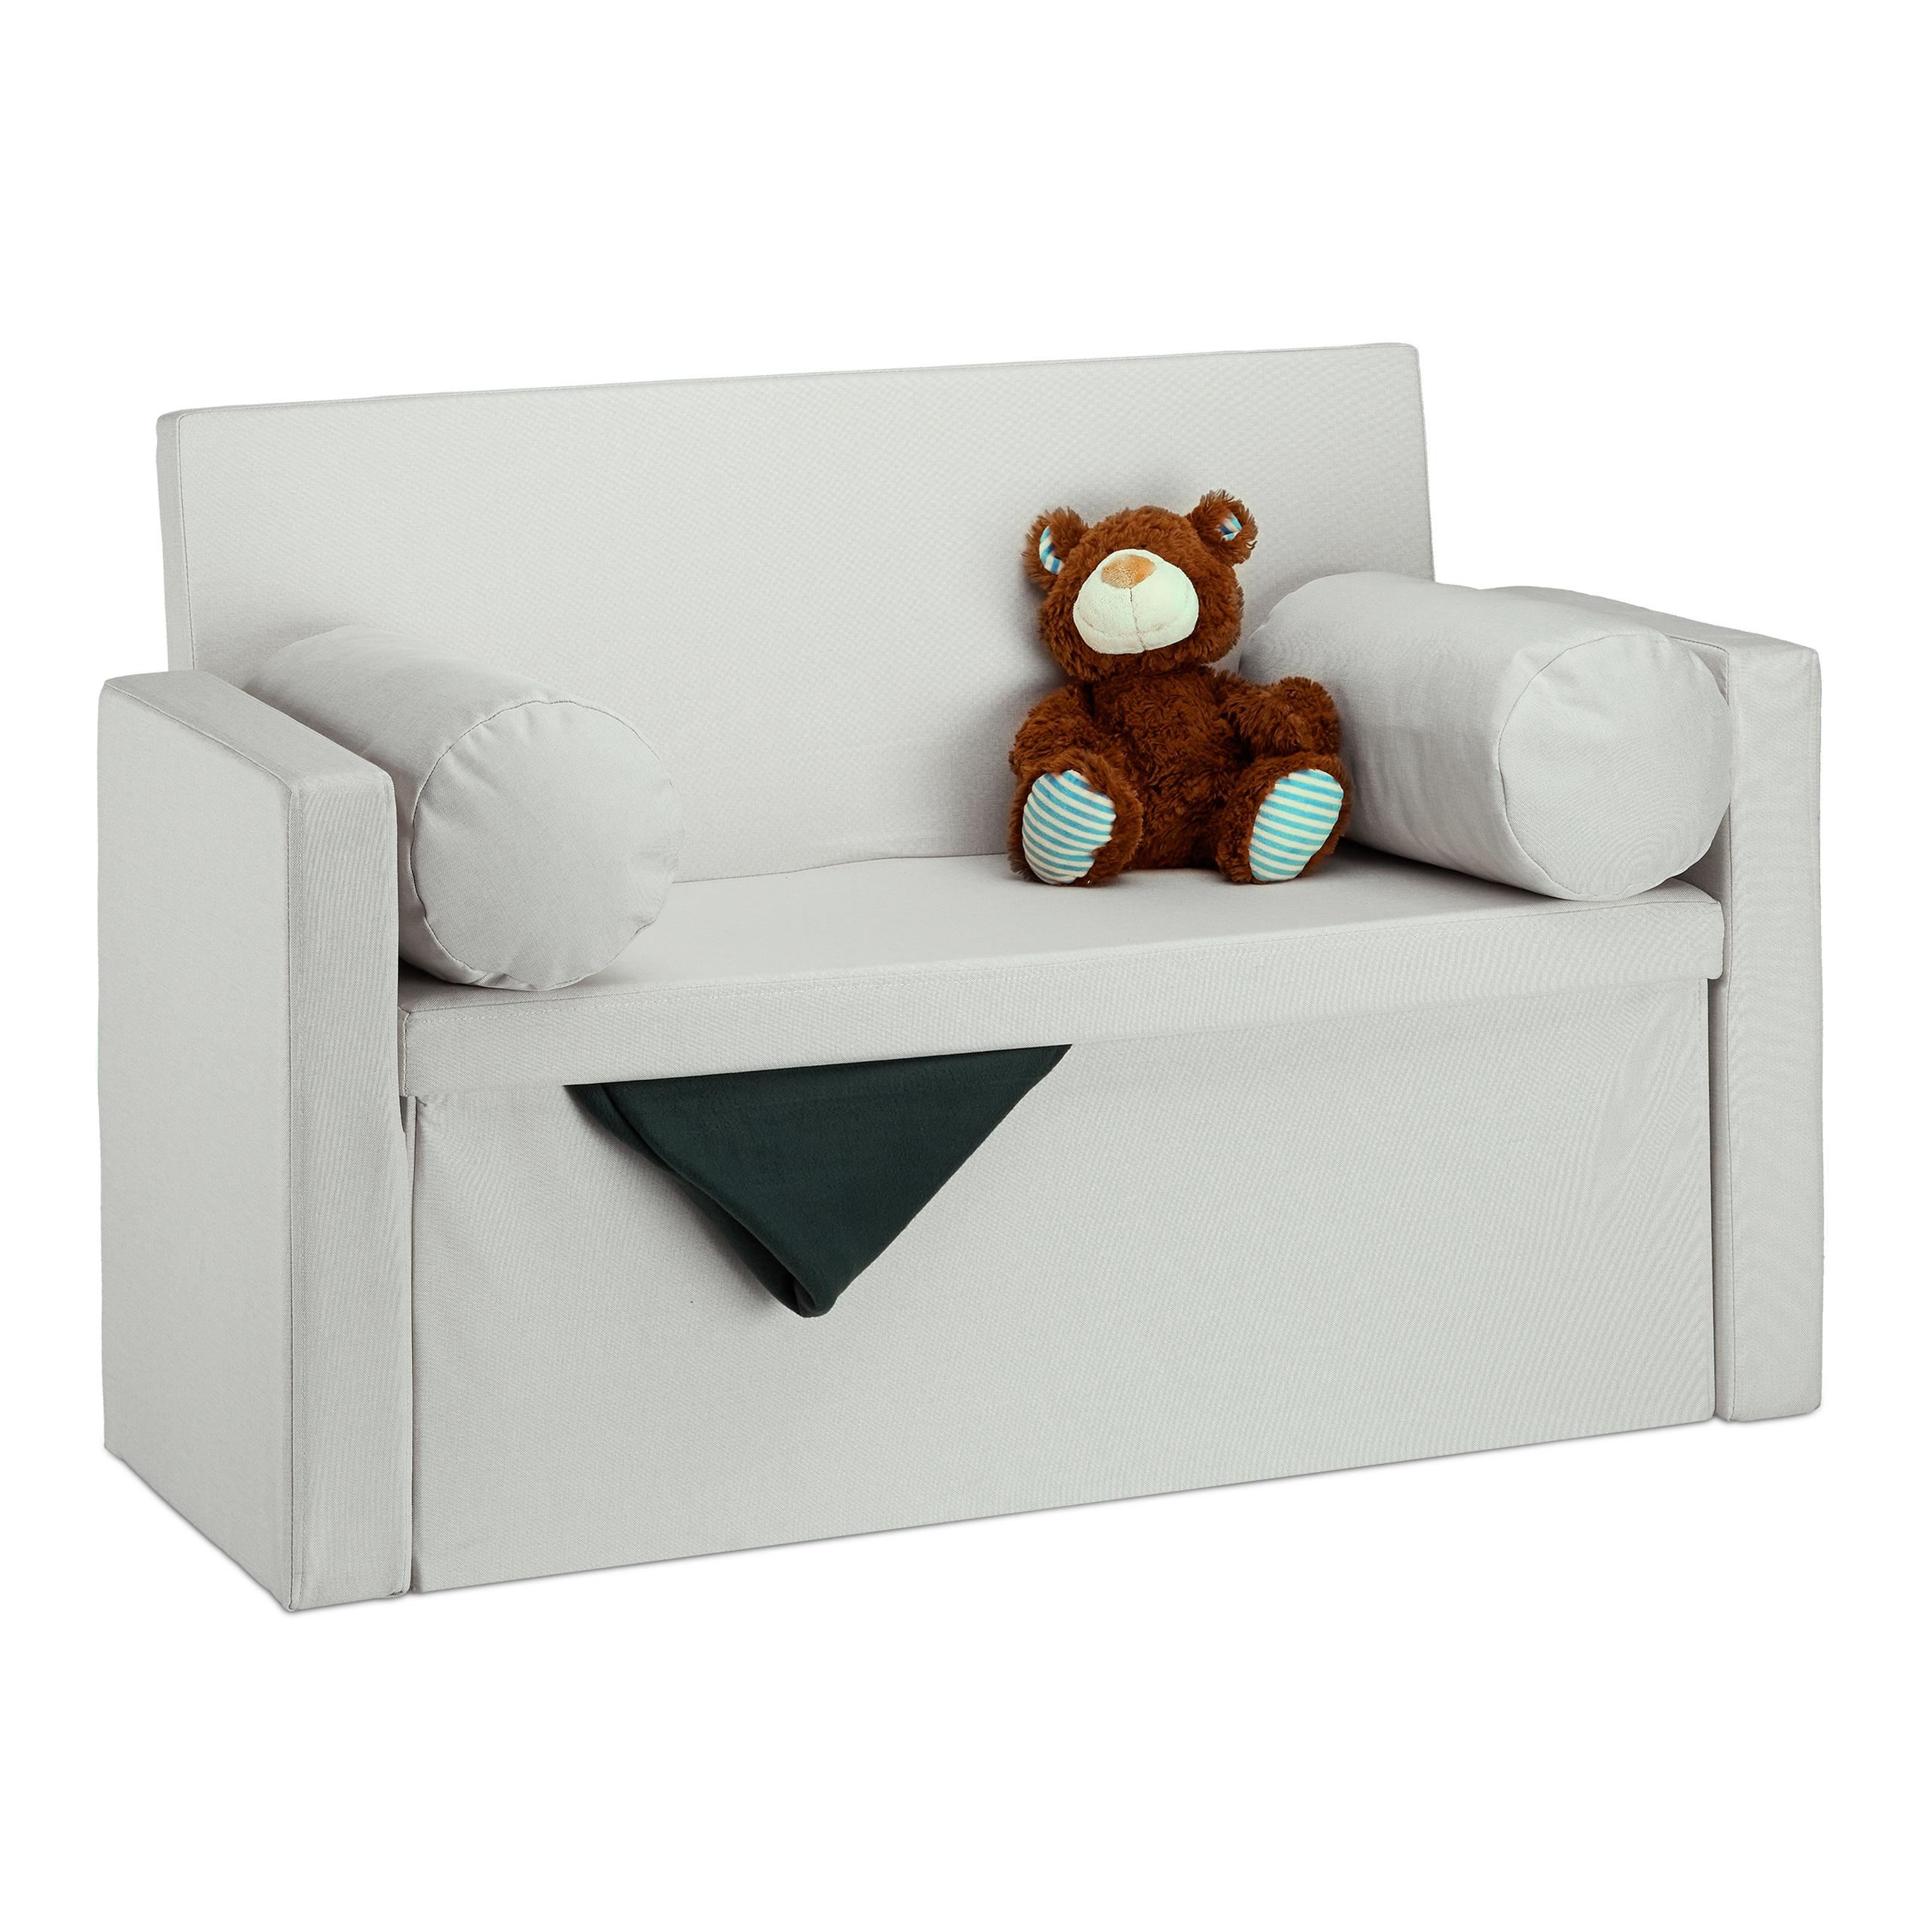 Panca con schienale reclinabile, 2 cuscini, pouf contenitore, divano ...